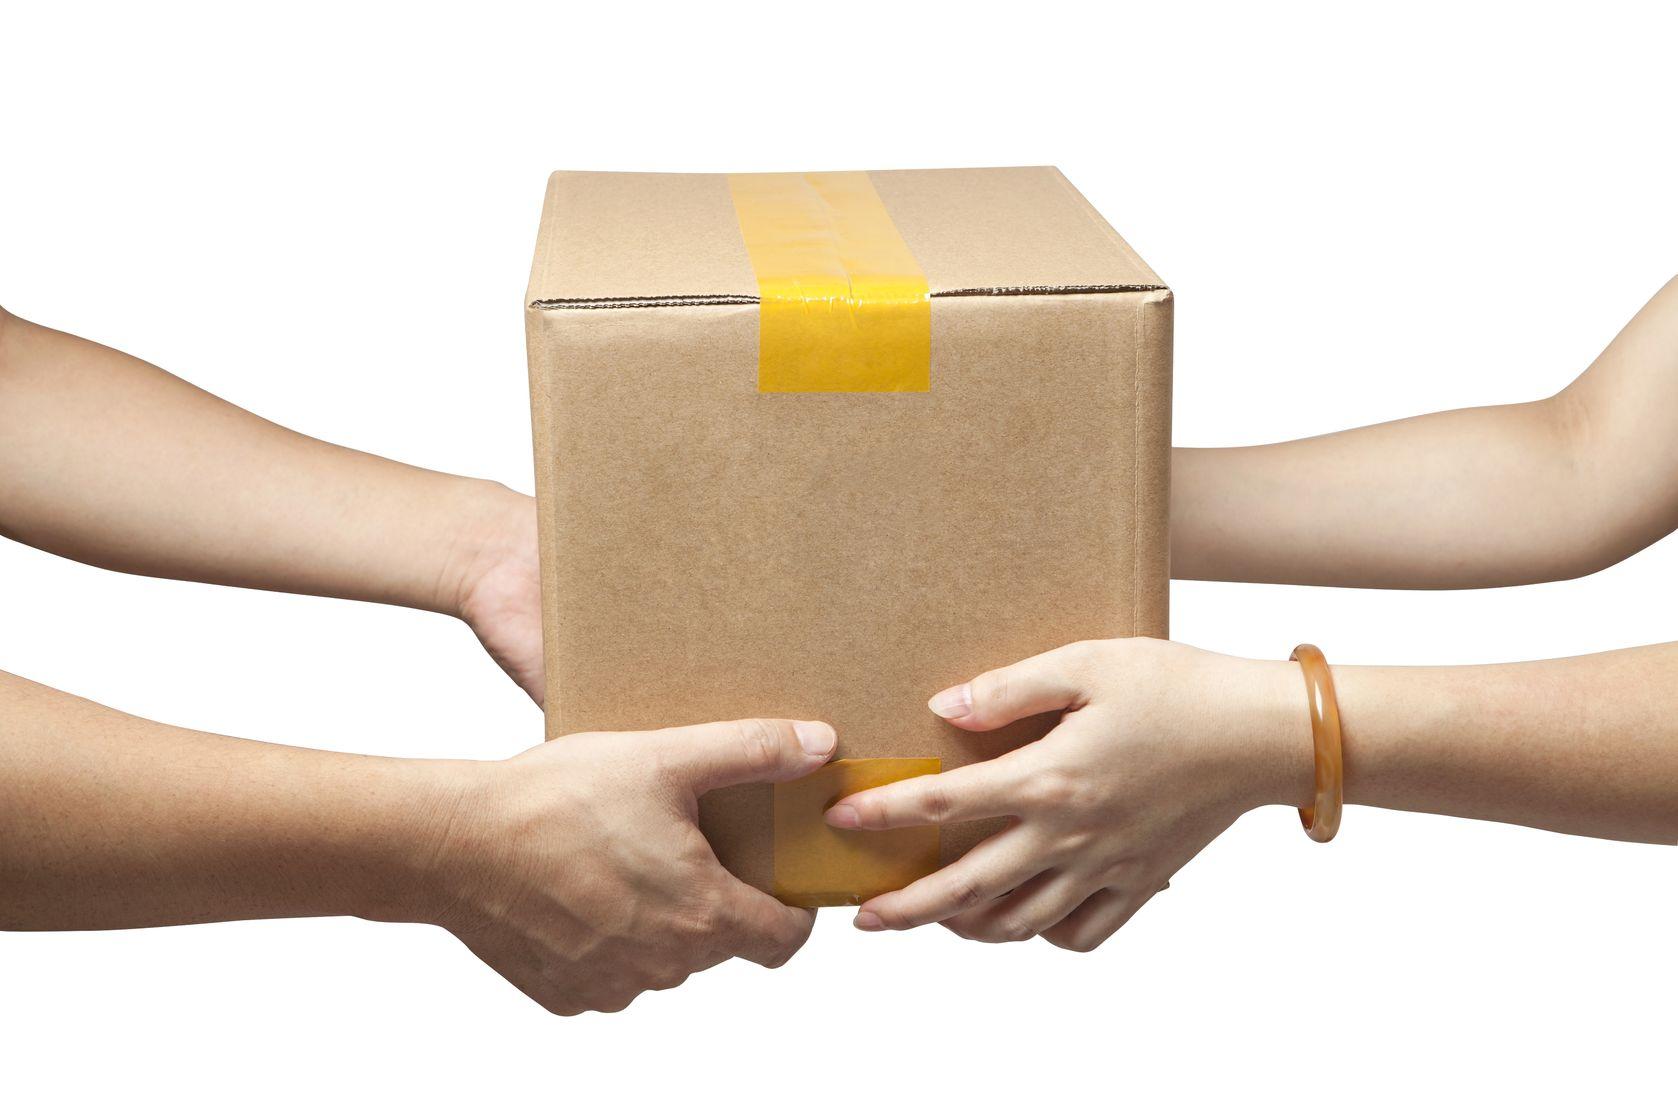 Paketübergabe